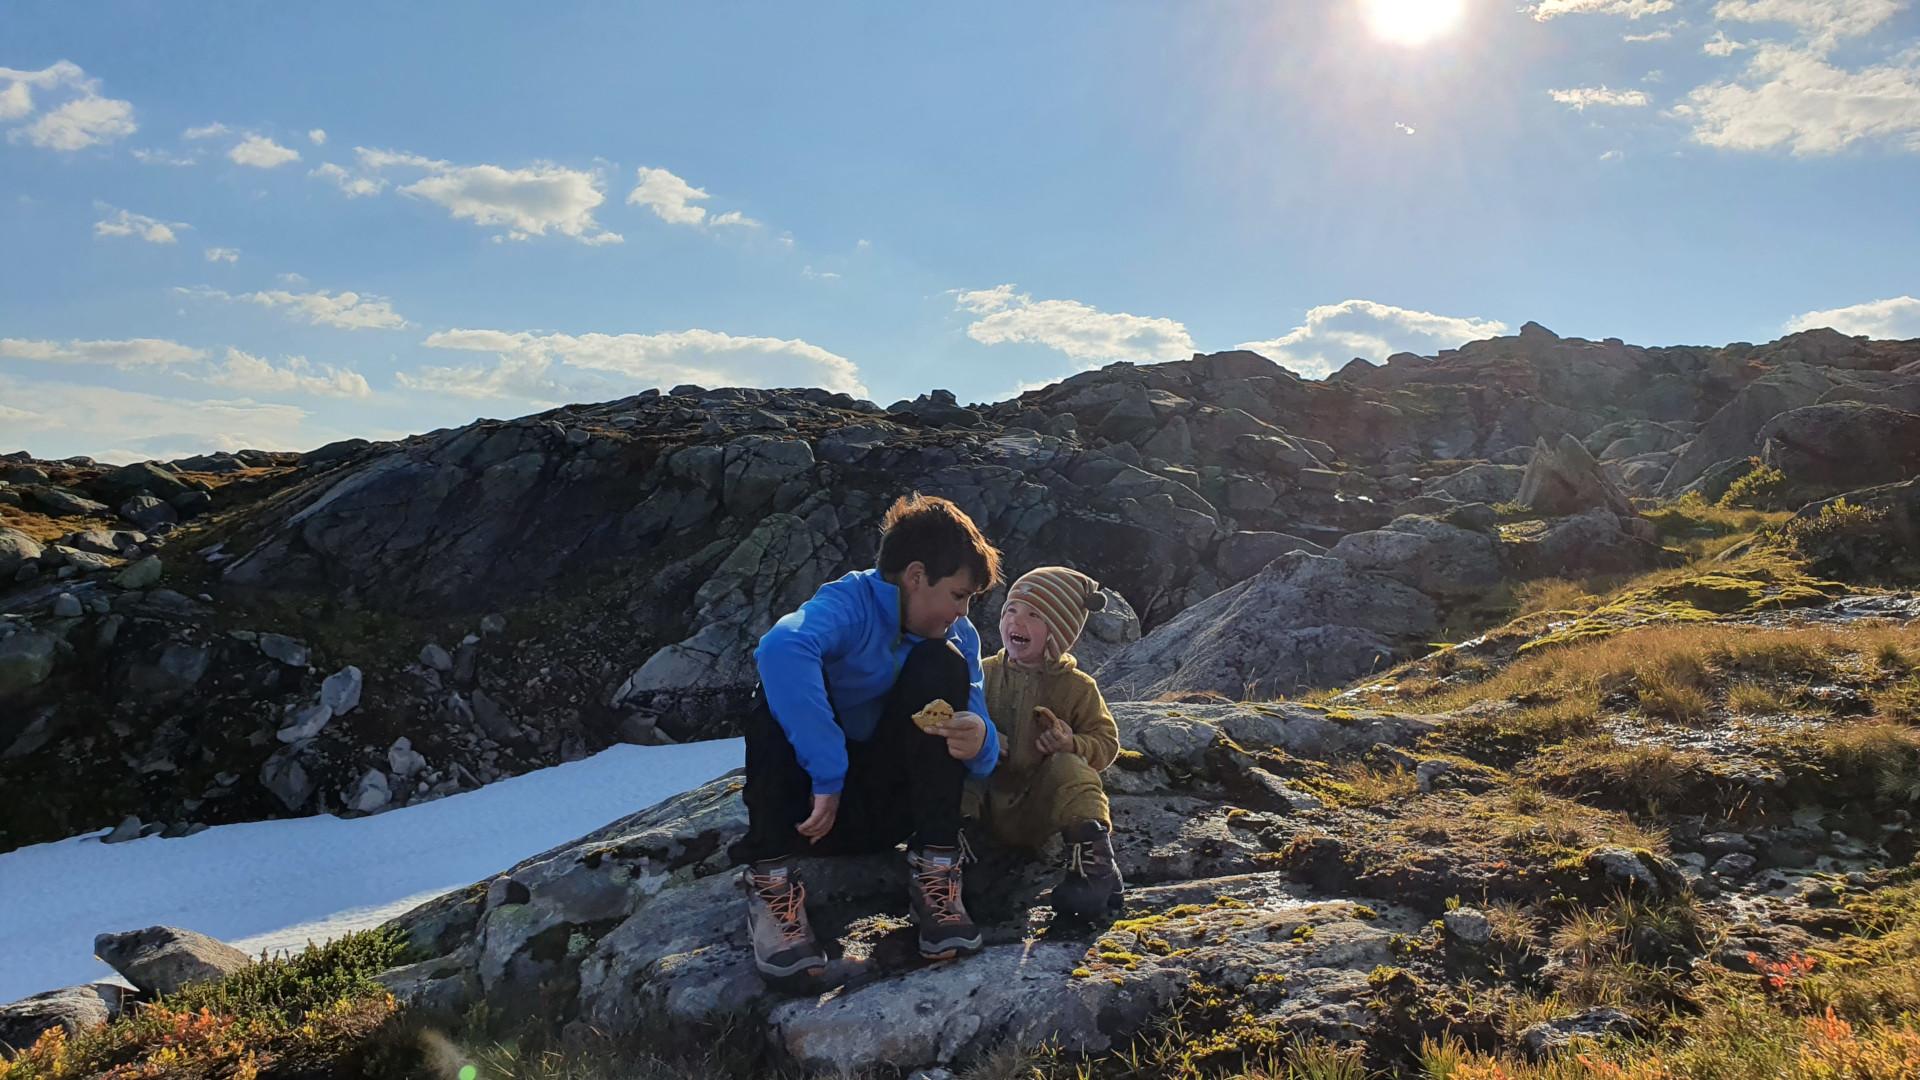 Adrian og Daniel tar en liten pause på tur til Kufjellet, 27. september 2020. Fotograf: Malin Dyrli